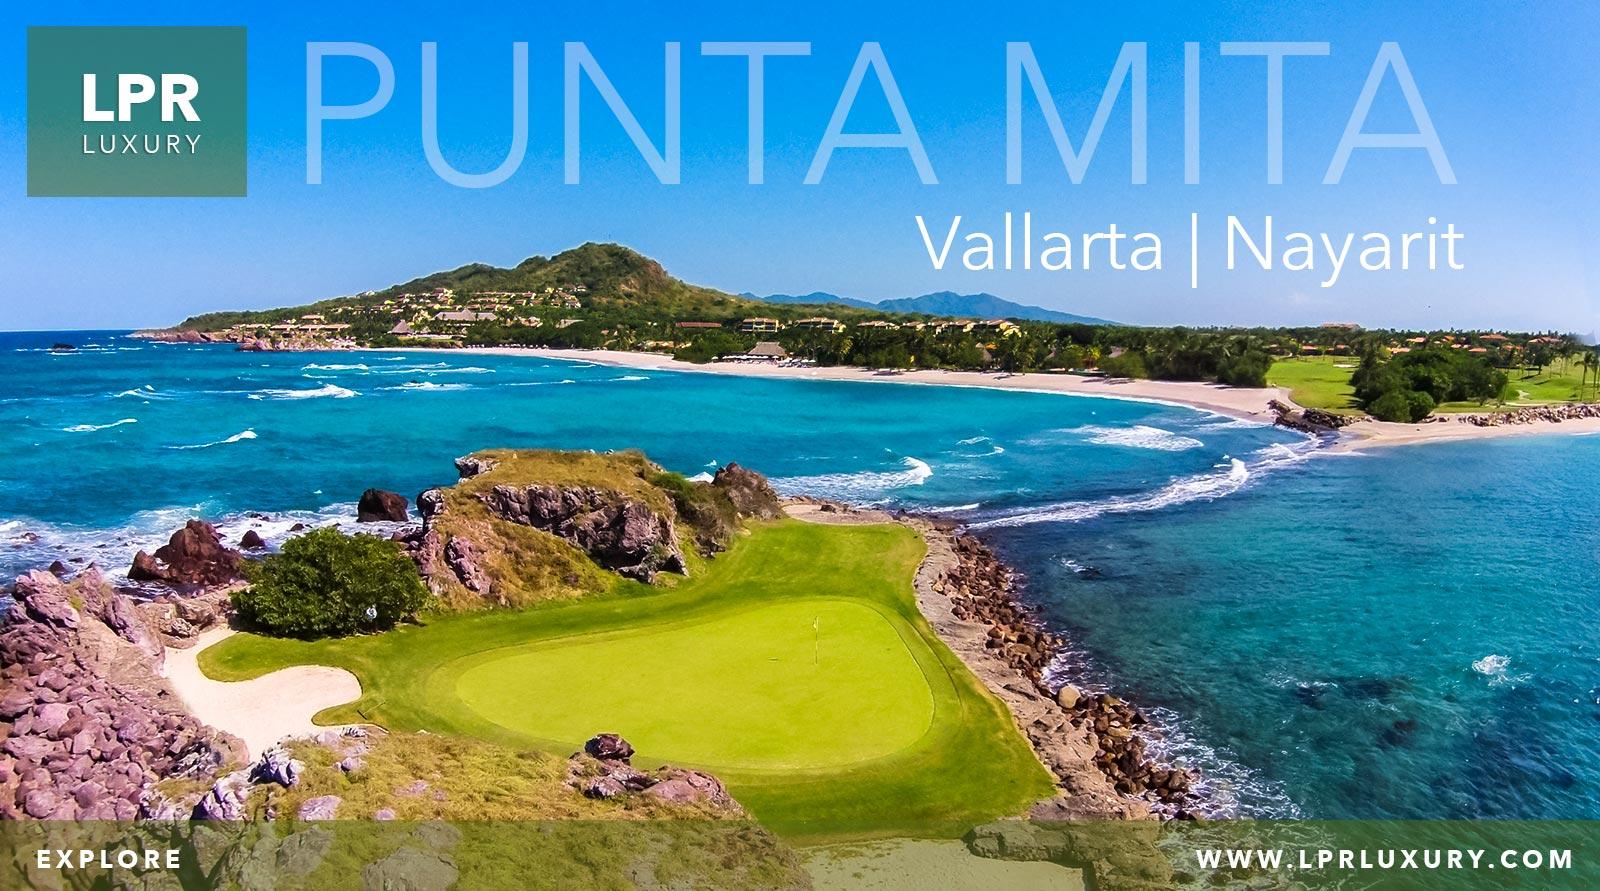 Golf at the Punta Mita Resort - Riviera Nayarit, Mexico